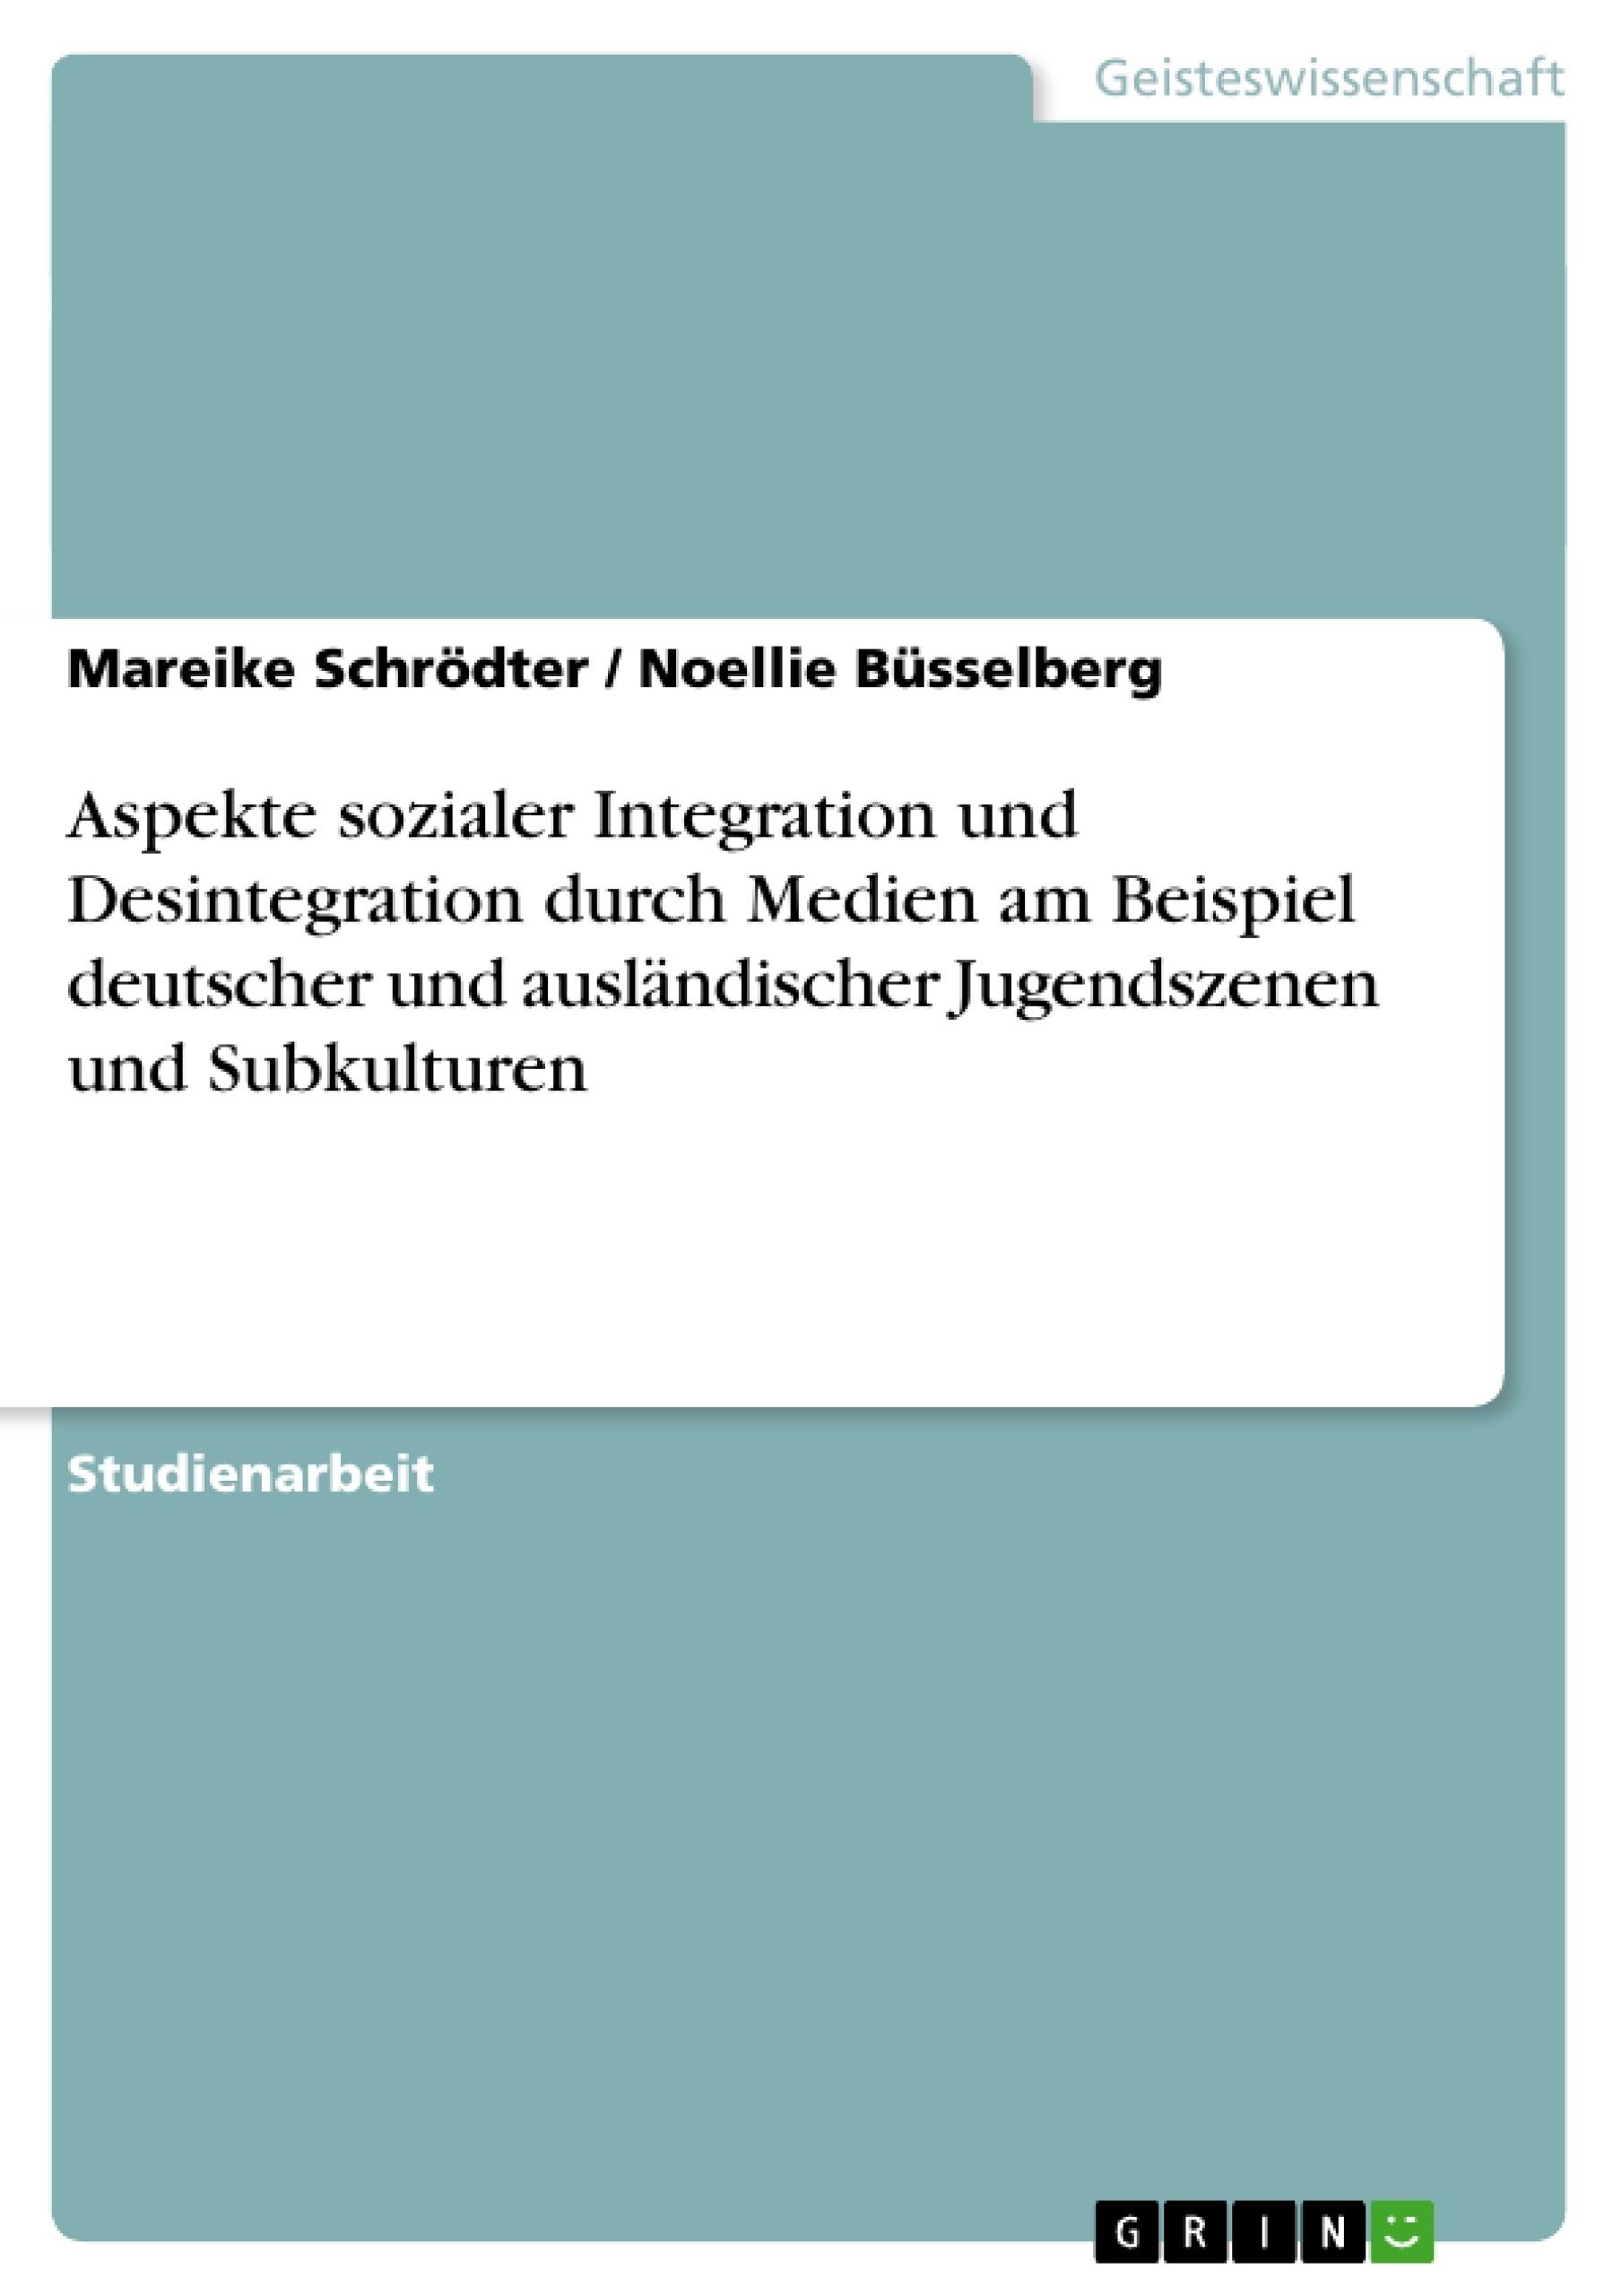 Titel: Aspekte sozialer Integration und Desintegration durch Medien am Beispiel deutscher und ausländischer Jugendszenen und Subkulturen